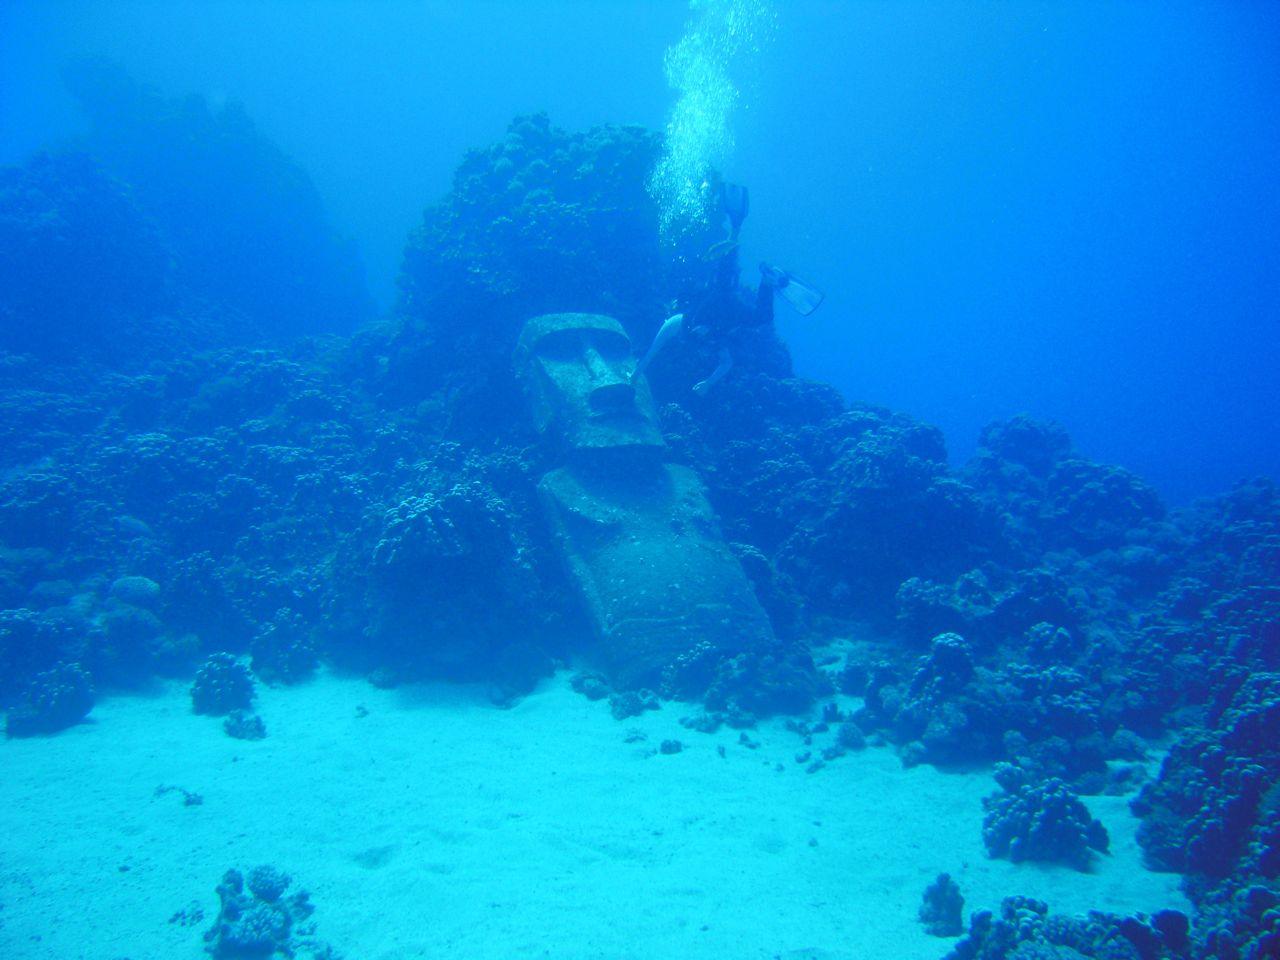 Podwodny swiat Wyspy Wielkanocnej